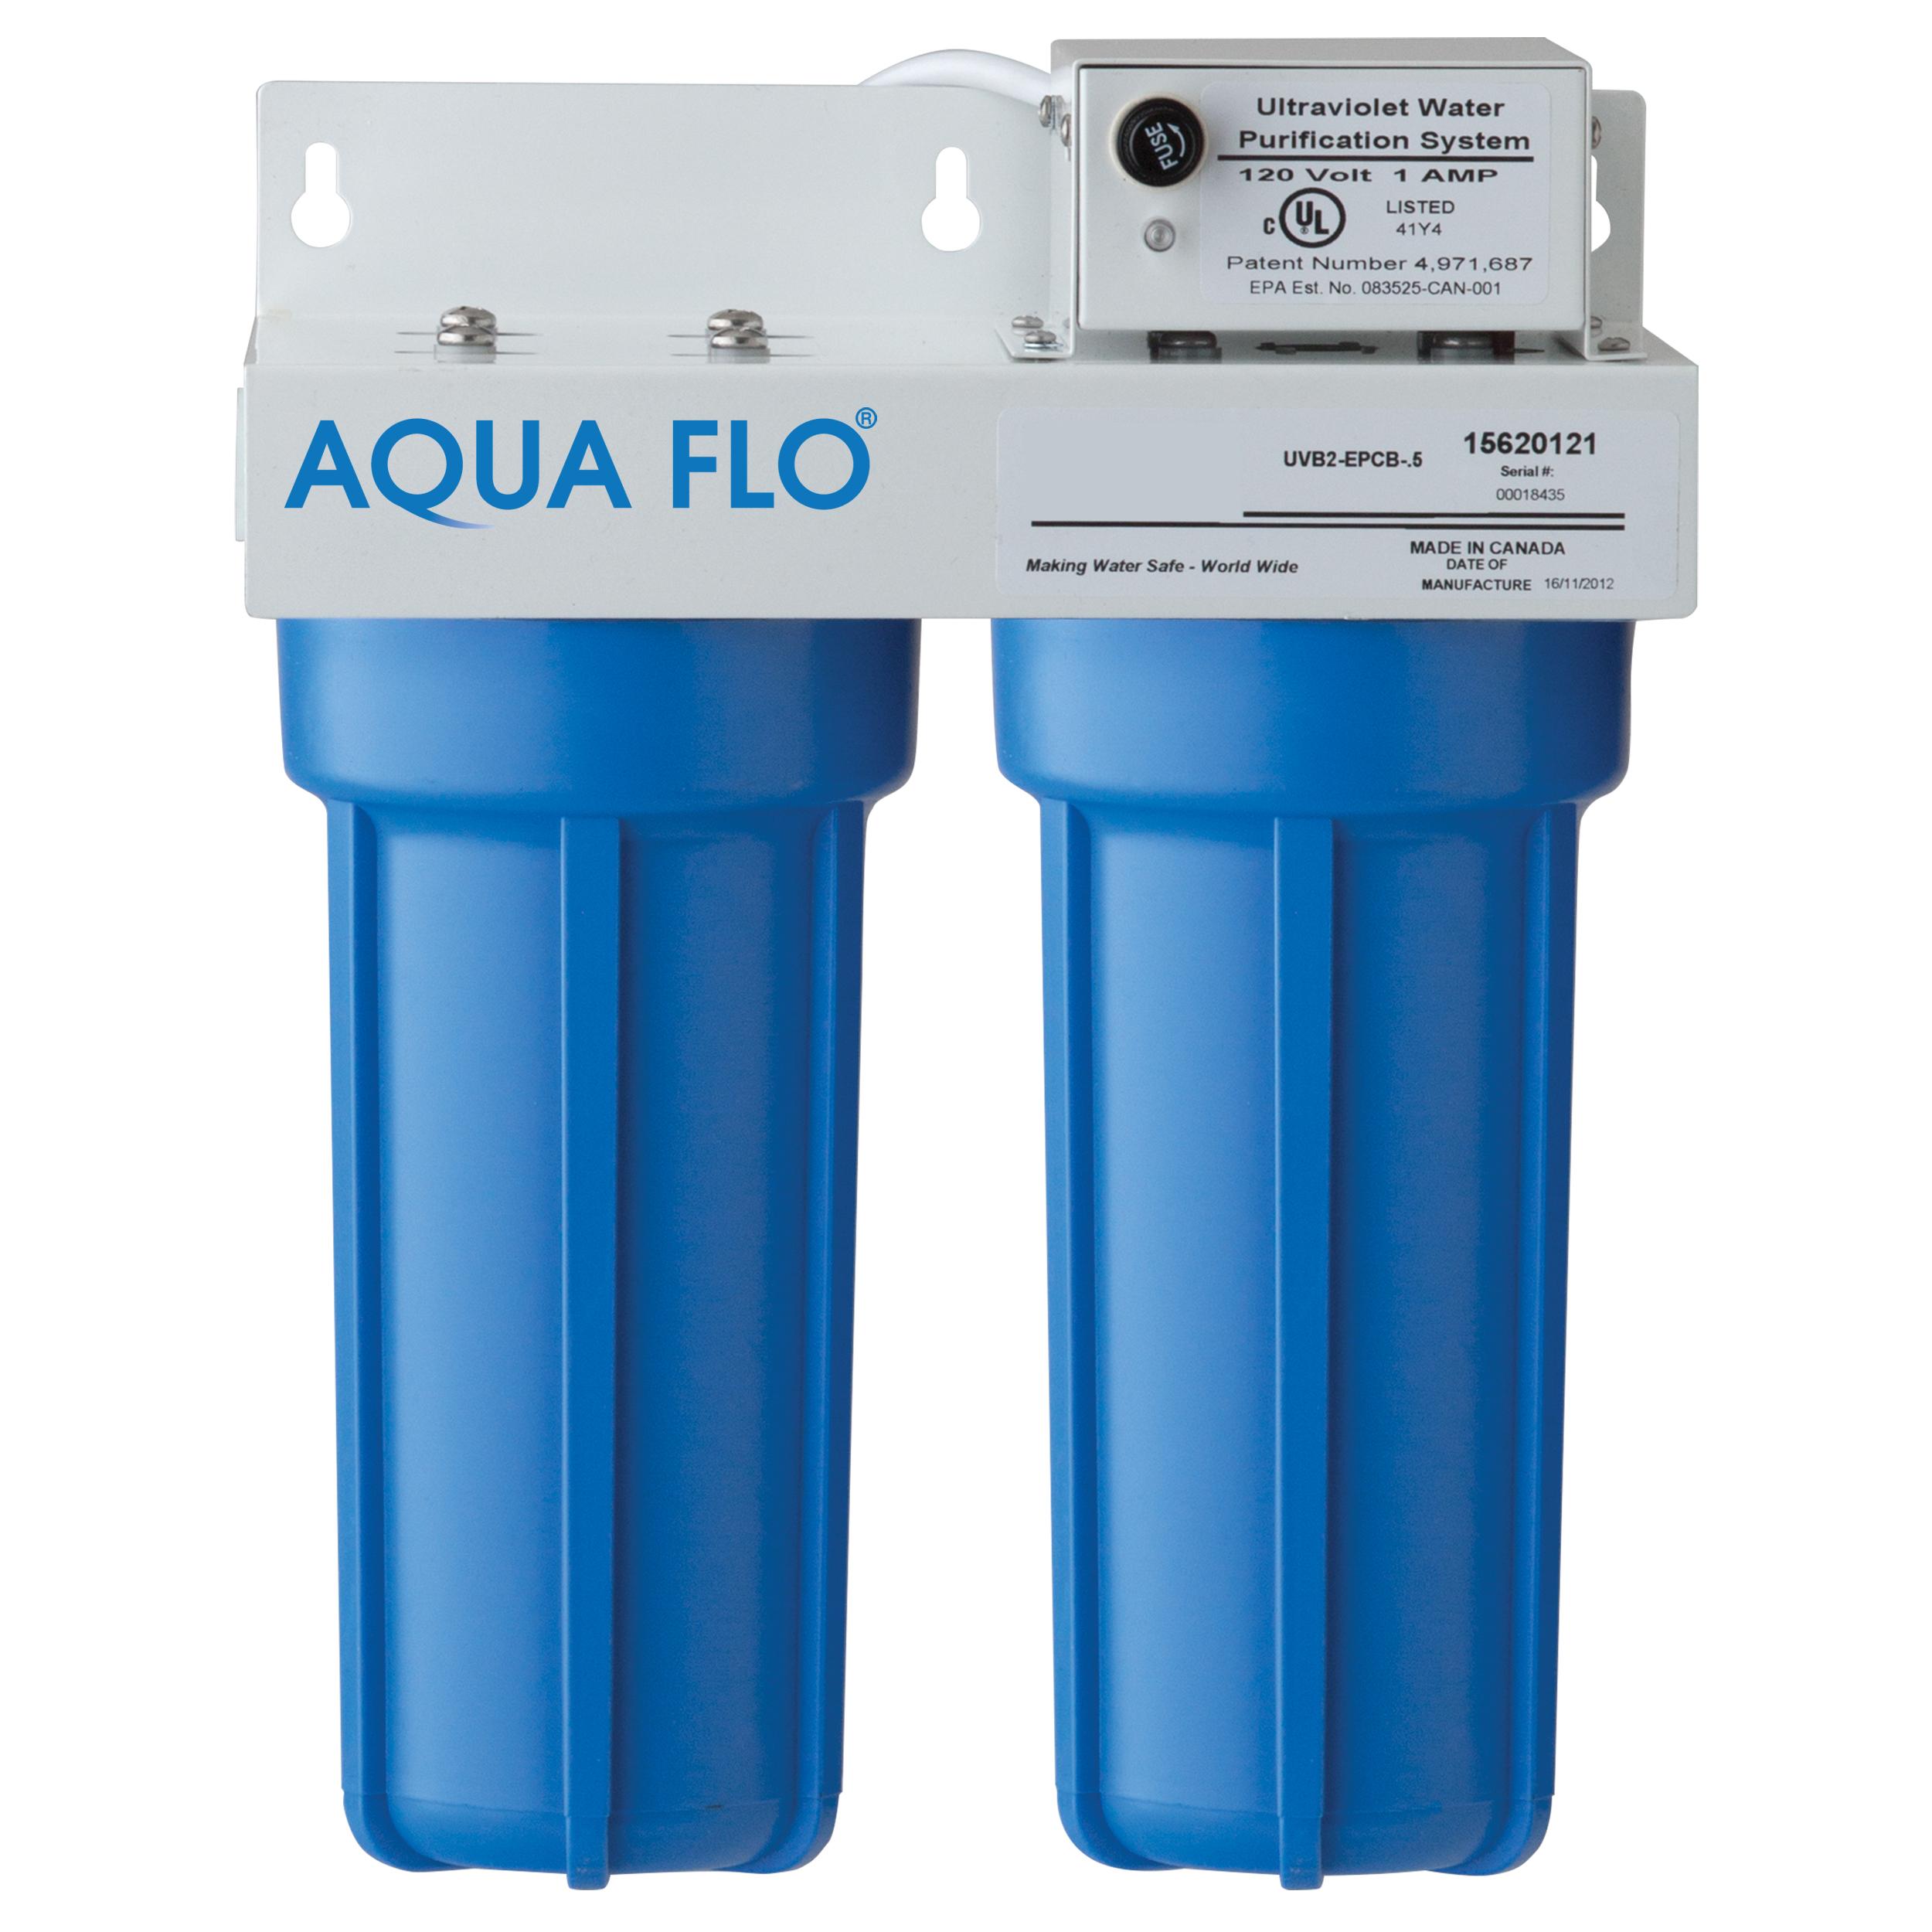 Aqua Flo_UVB_2.jpg